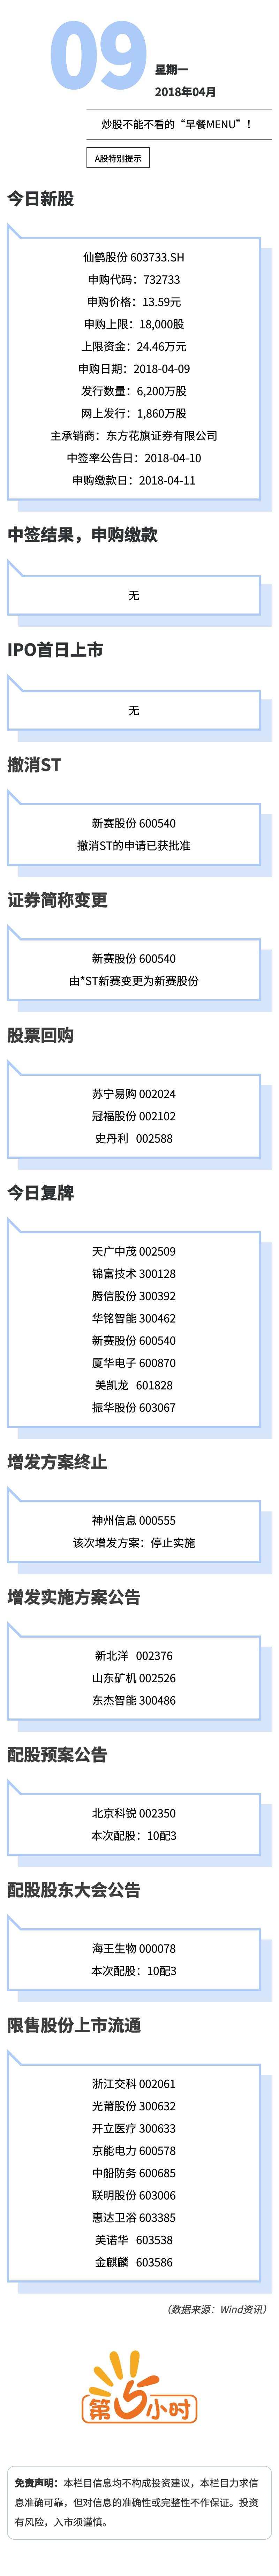 A股特别提示(2018-04-09).jpg